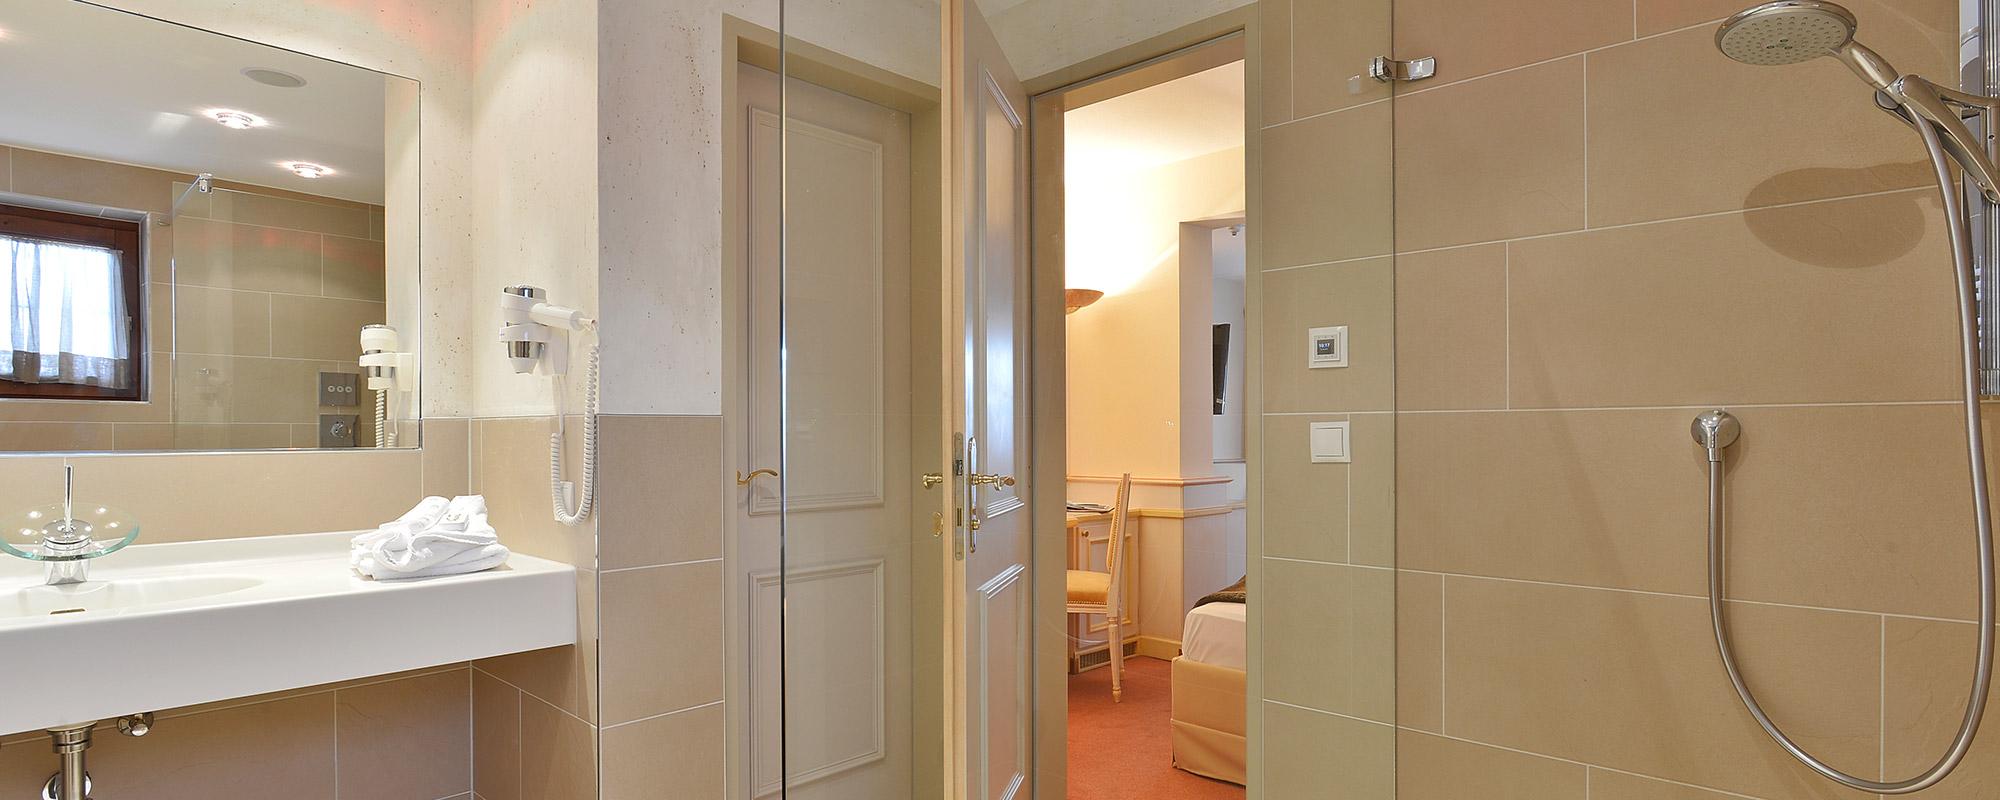 MANNI Suite modernes großzügiges Bad